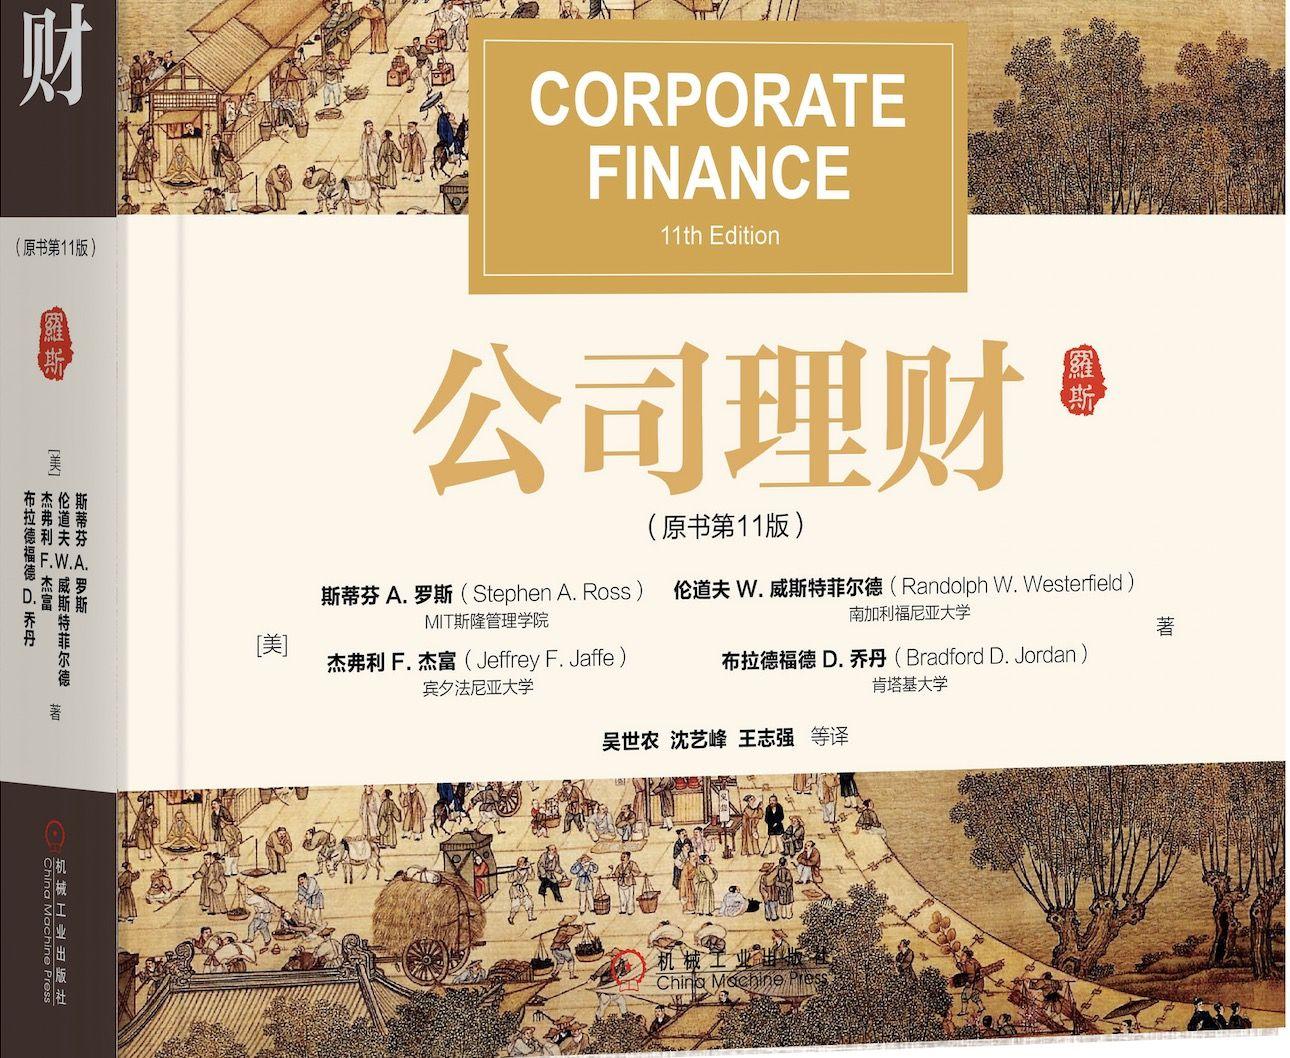 经典MBA教材《公司理财》的出版历程